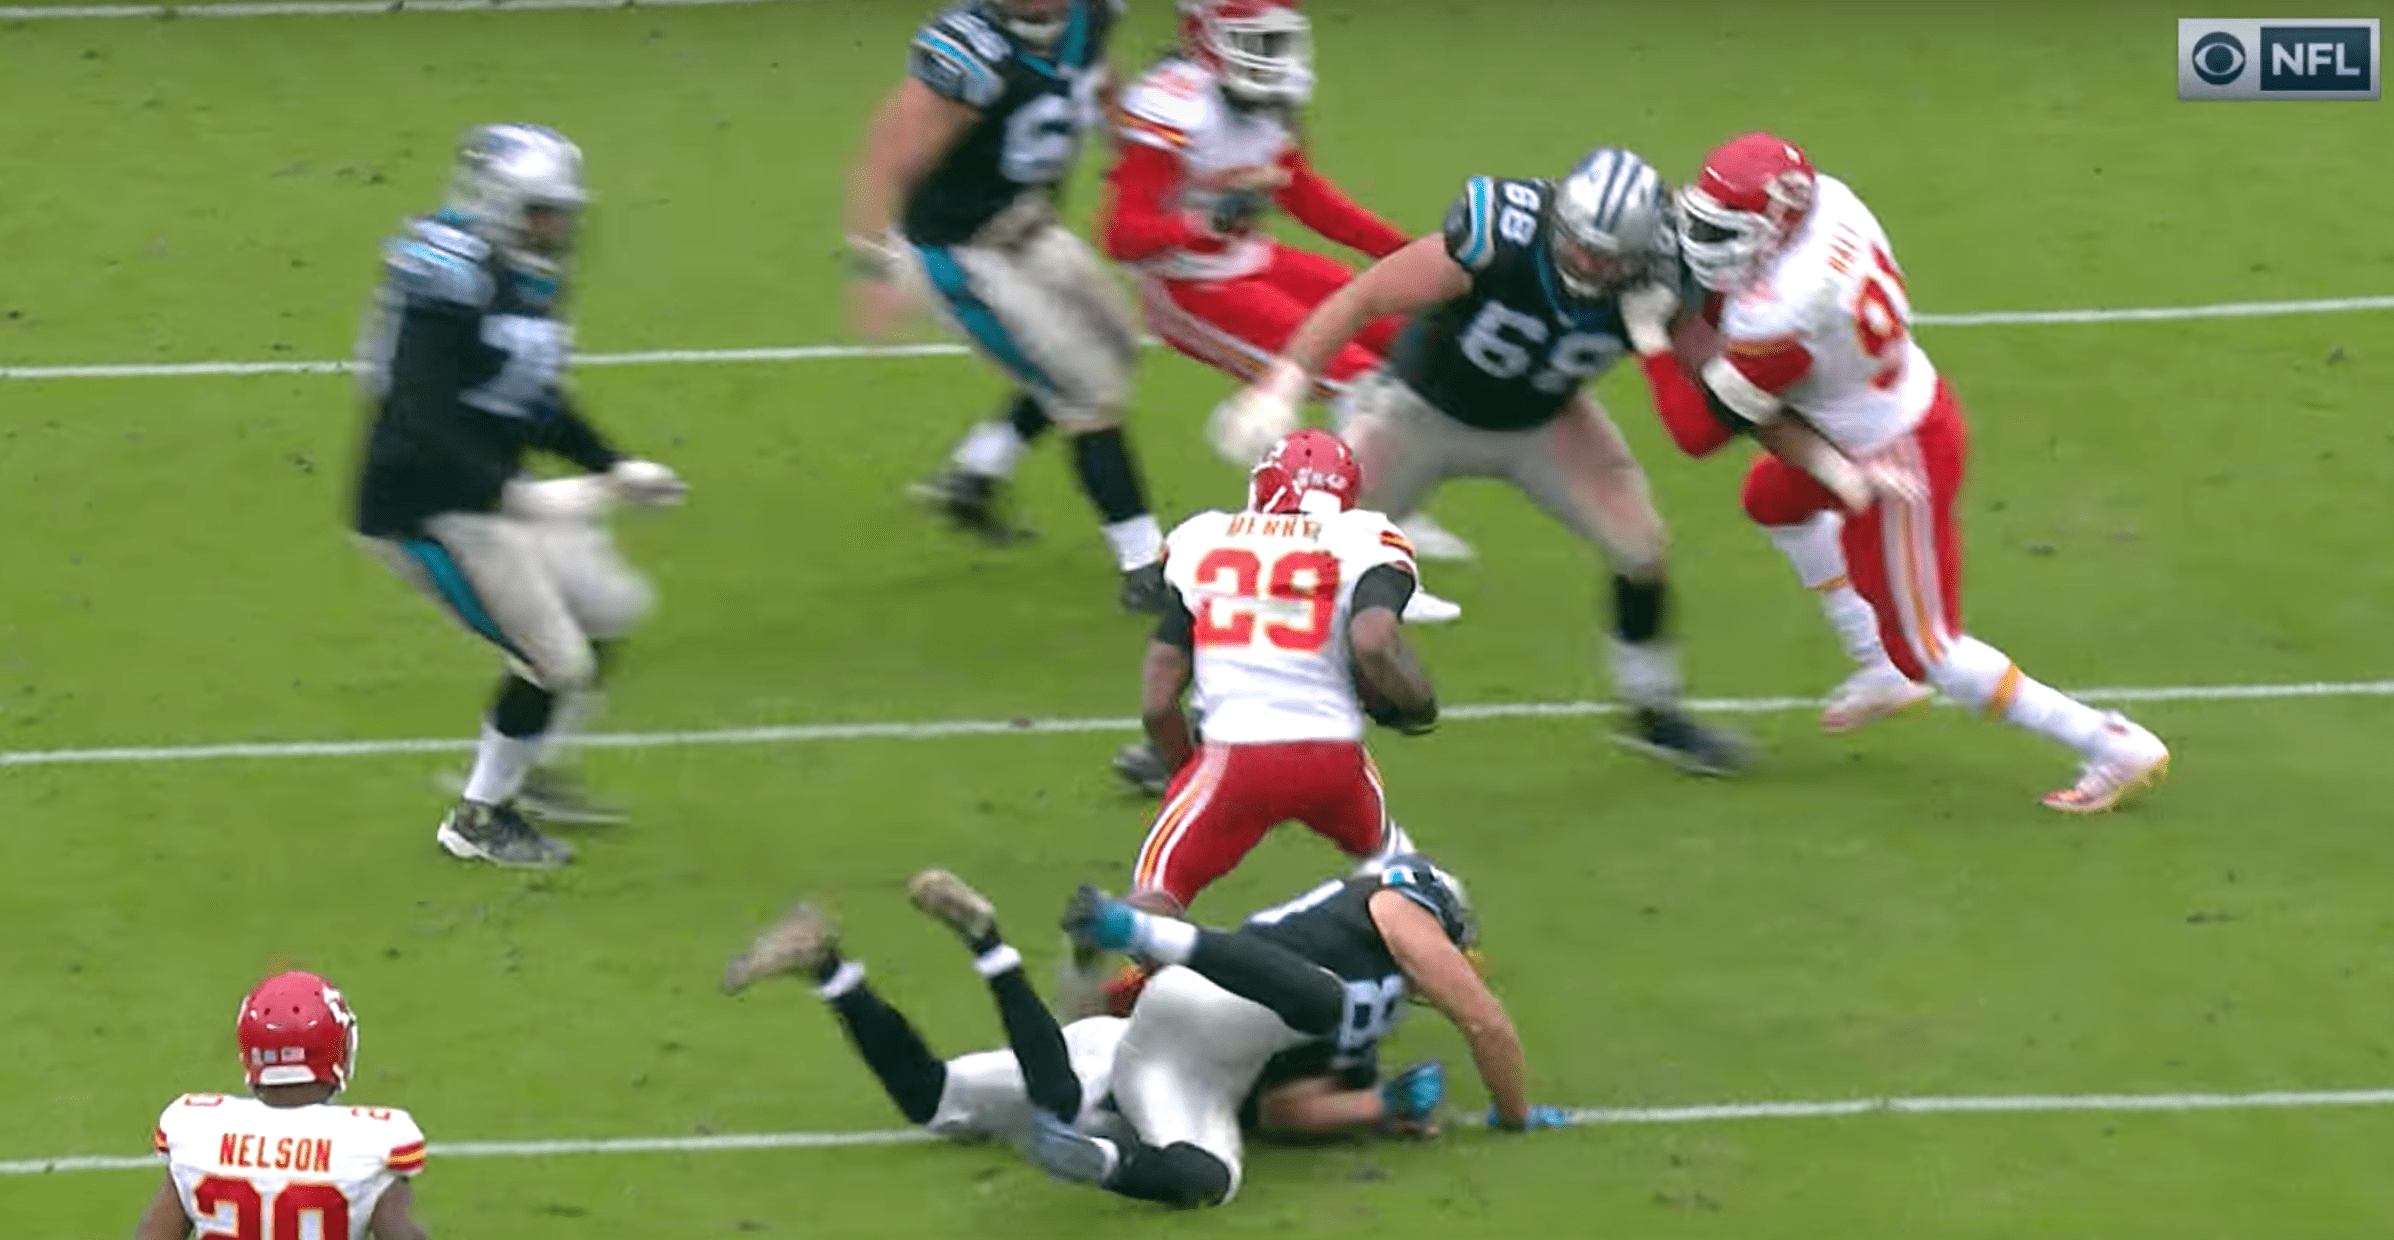 L'énorme interception de Berry qui a enterré les Panthers